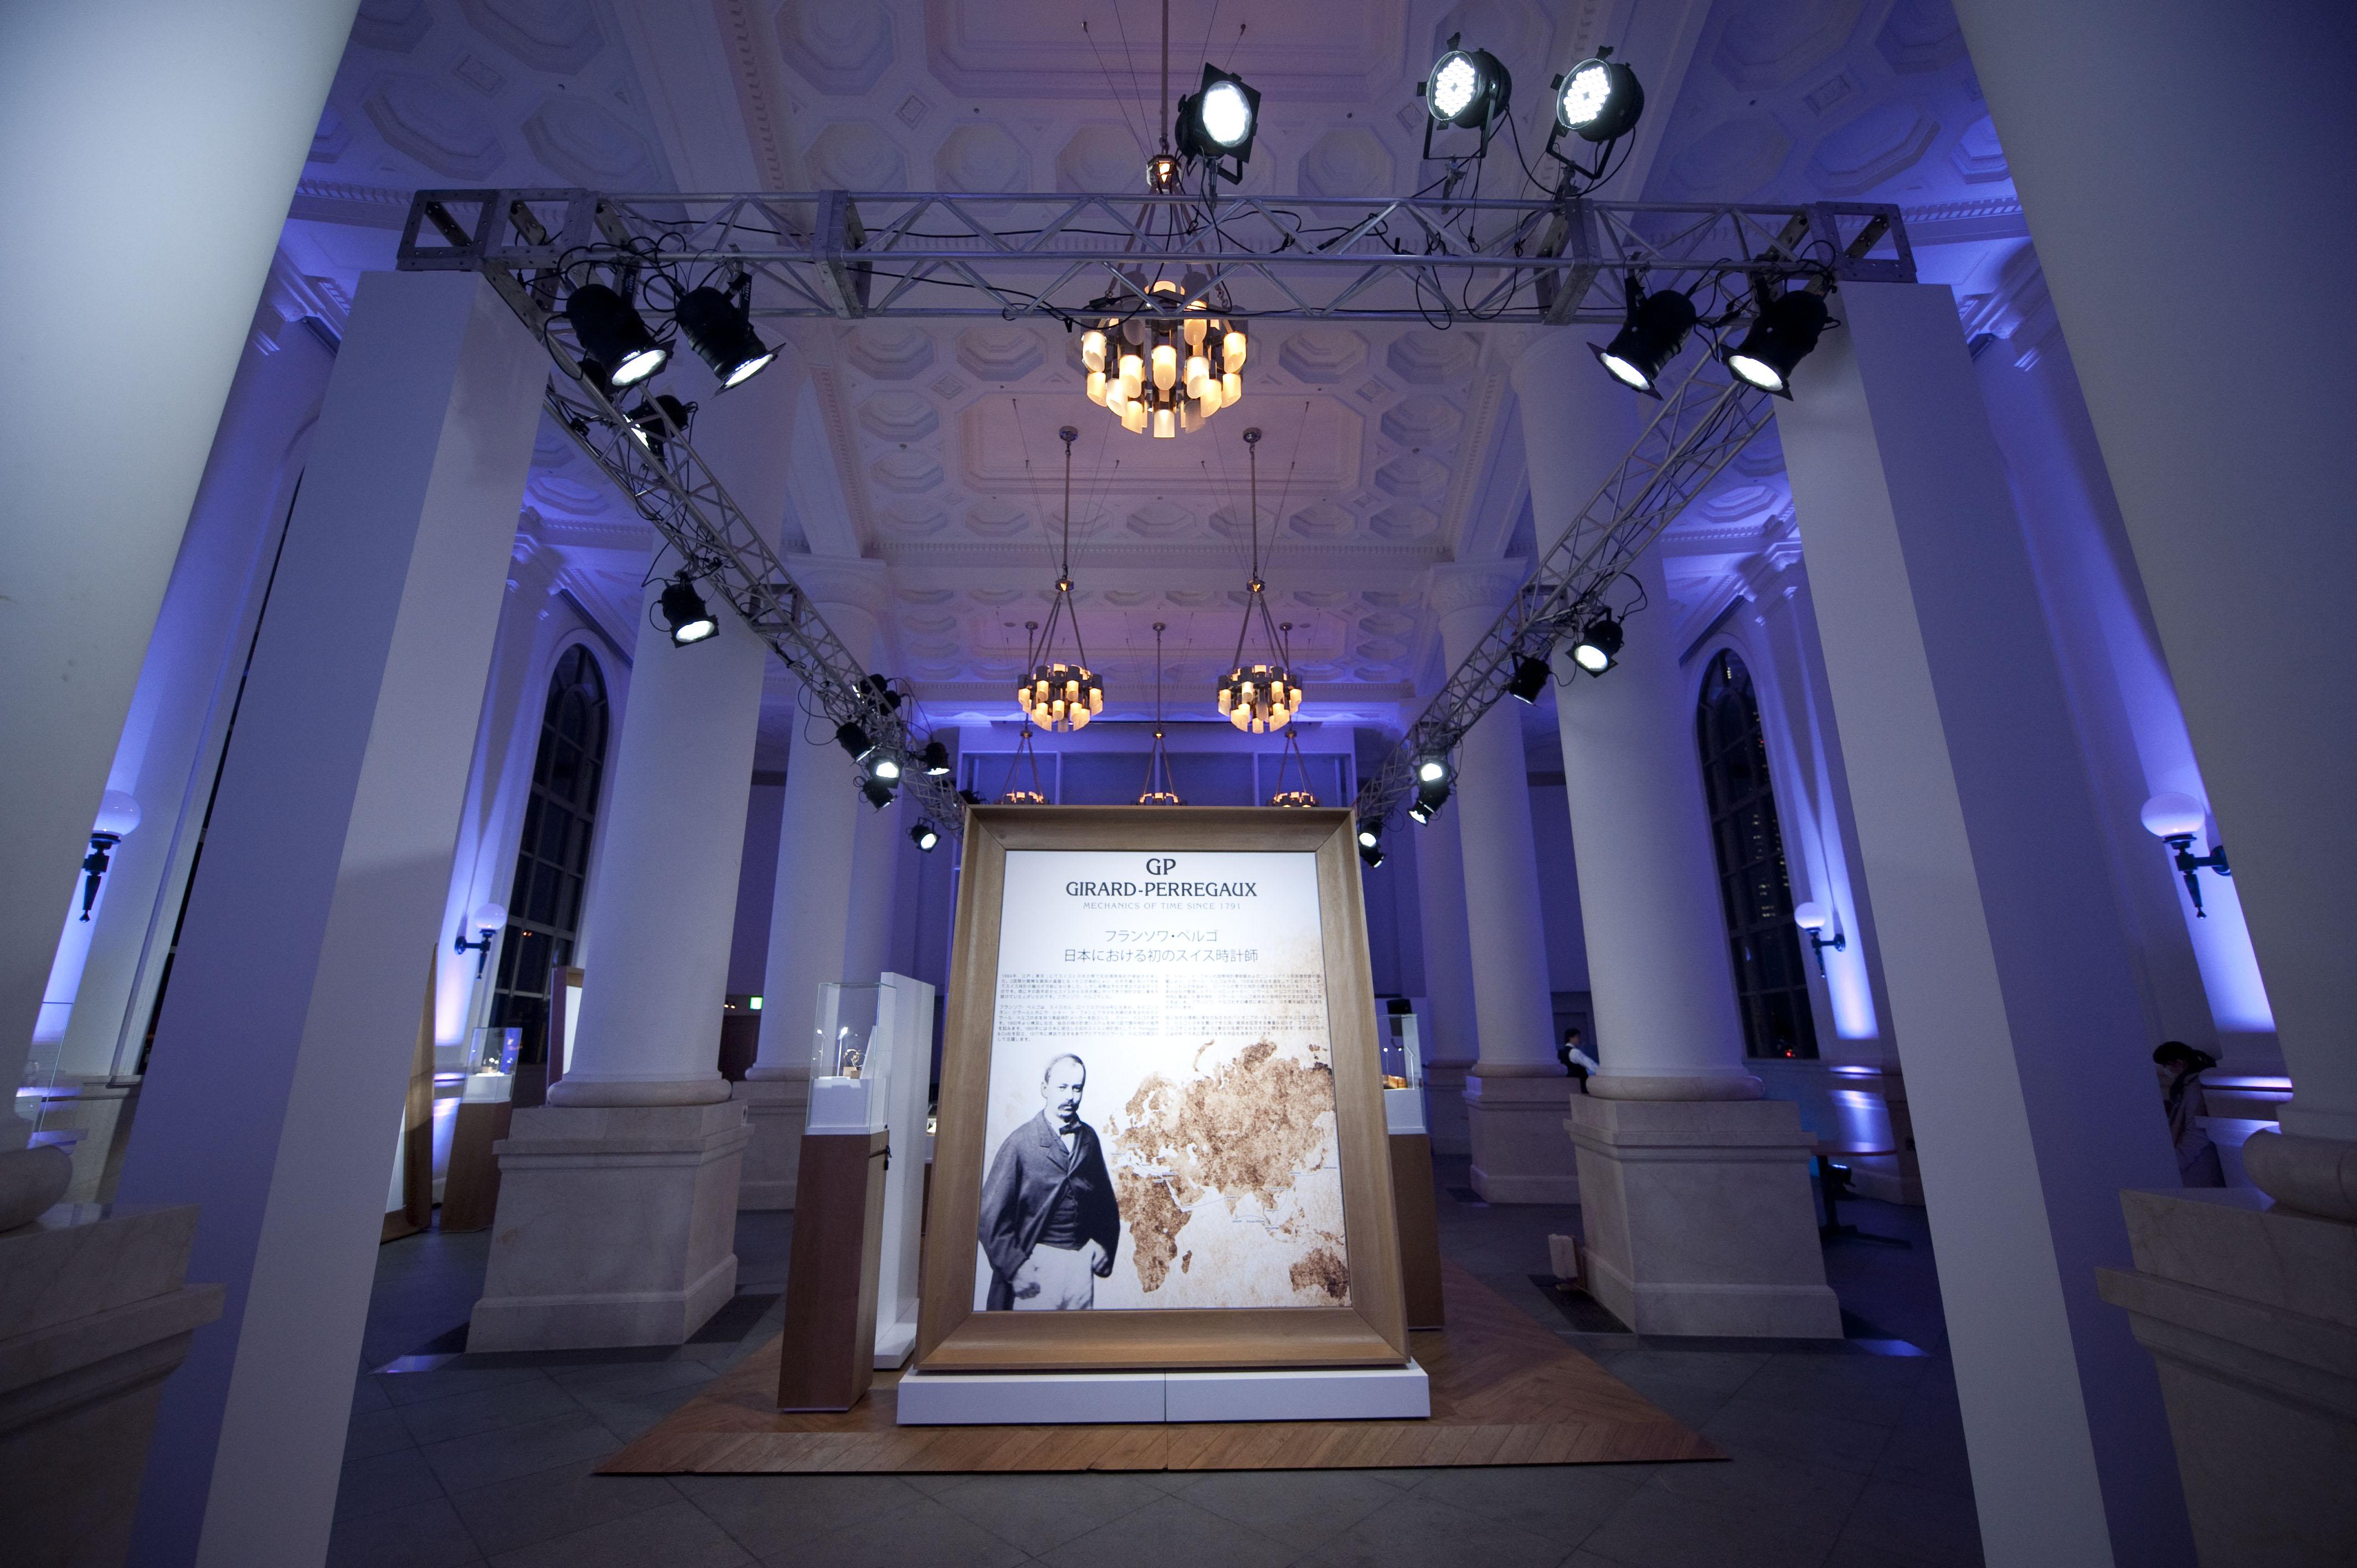 La Manufacture horlogère suisse inaugure à Yokohama, l'exposition François Perregaux, pionnier de l'horlogerie suisse au Japon